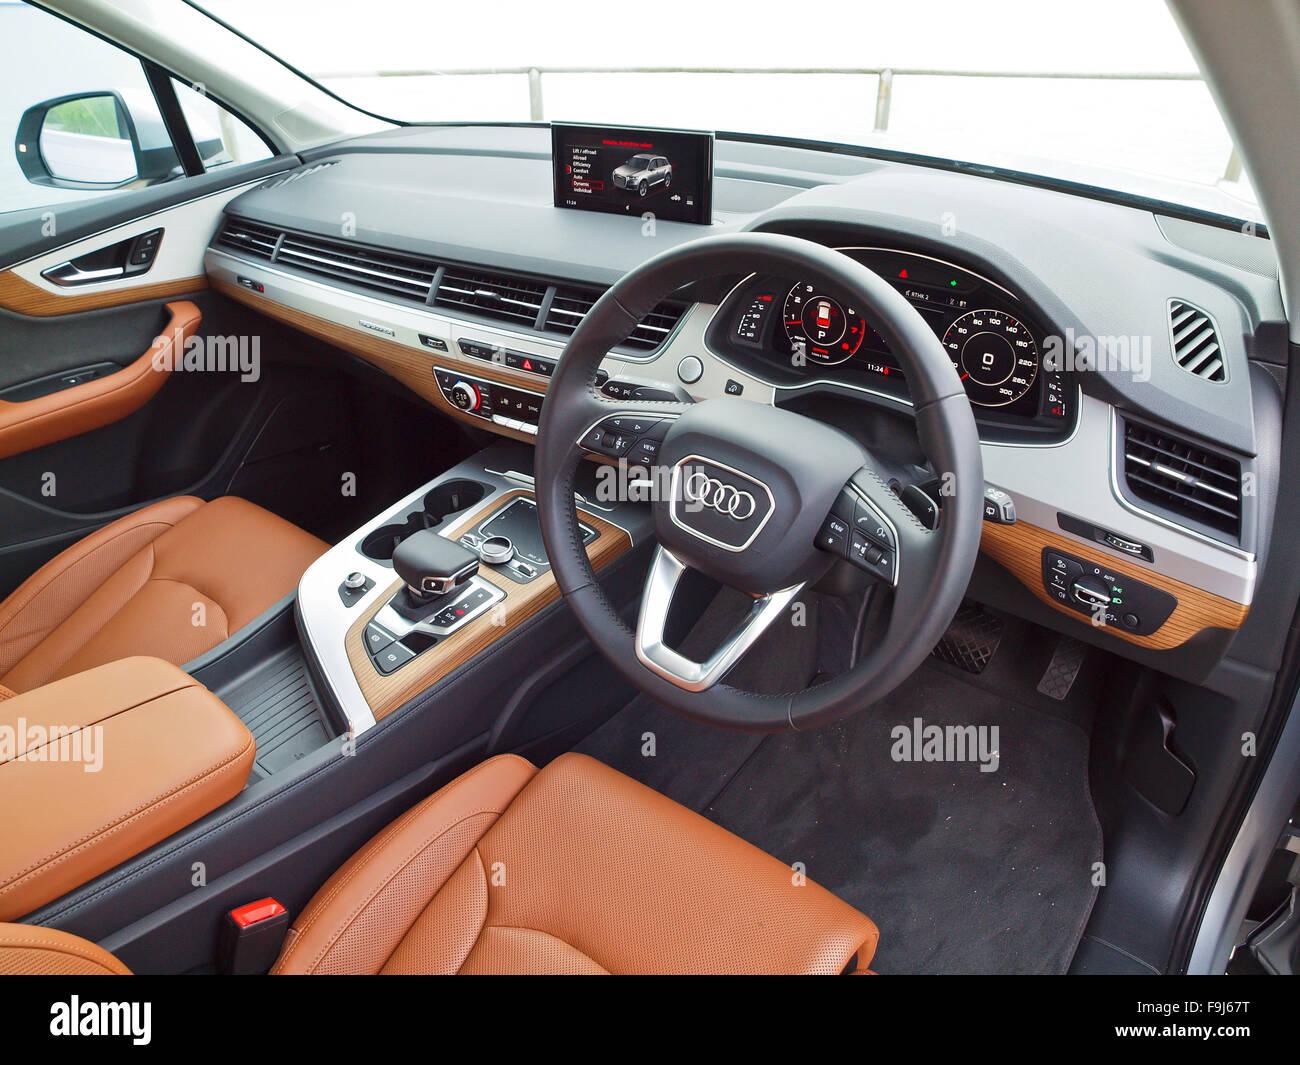 Audi Q7 Interior Stock Photos & Audi Q7 Interior Stock Images - Alamy